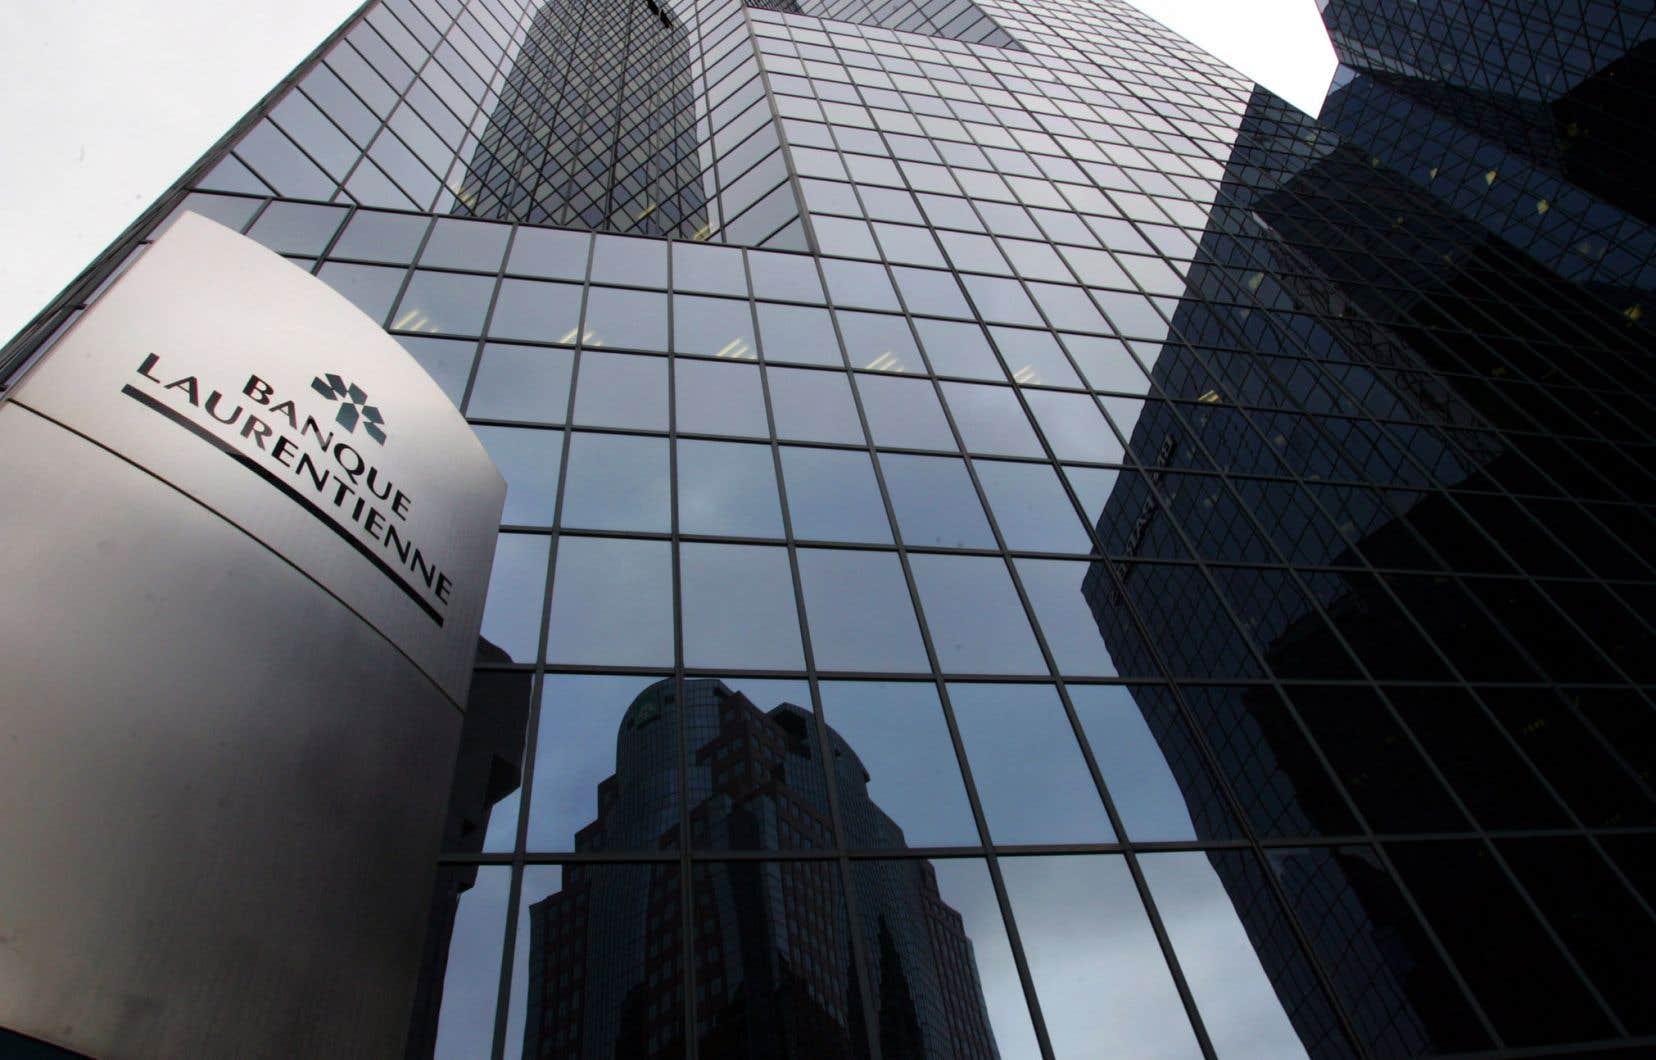 L'institution financière s'attend à devoir racheter jusqu'à 392 millions de prêts jugés problématiques d'ici la fin du deuxième trimestre, au terme de l'examen approfondi pour des prêts hypothécaires.